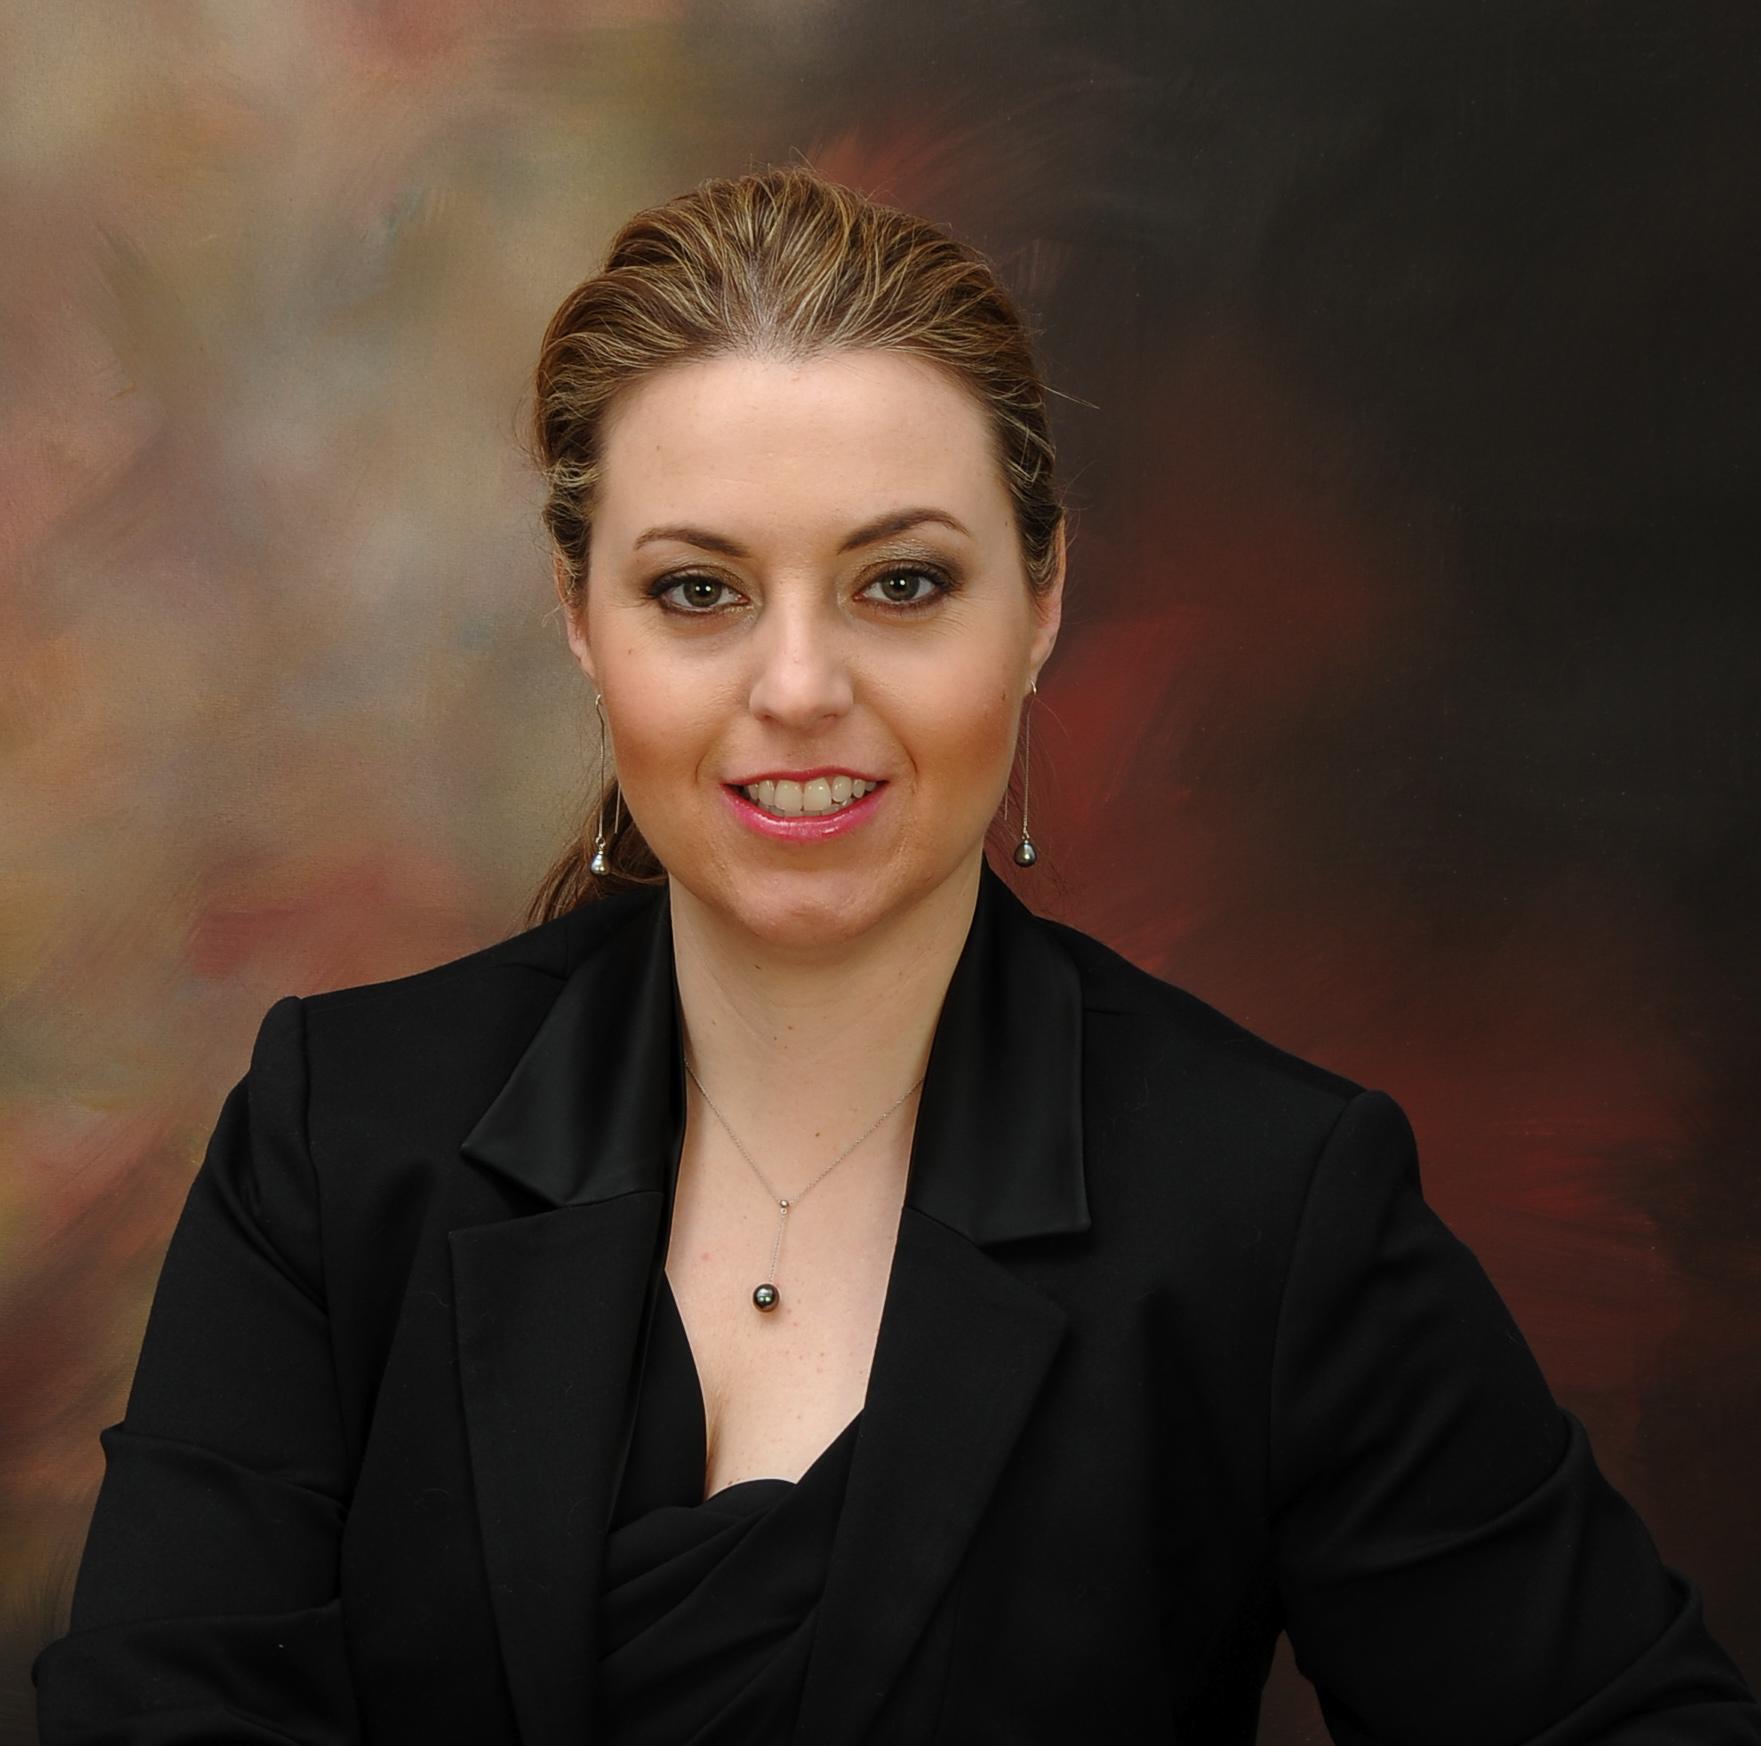 Claudia R. Williamson, Ph.D.